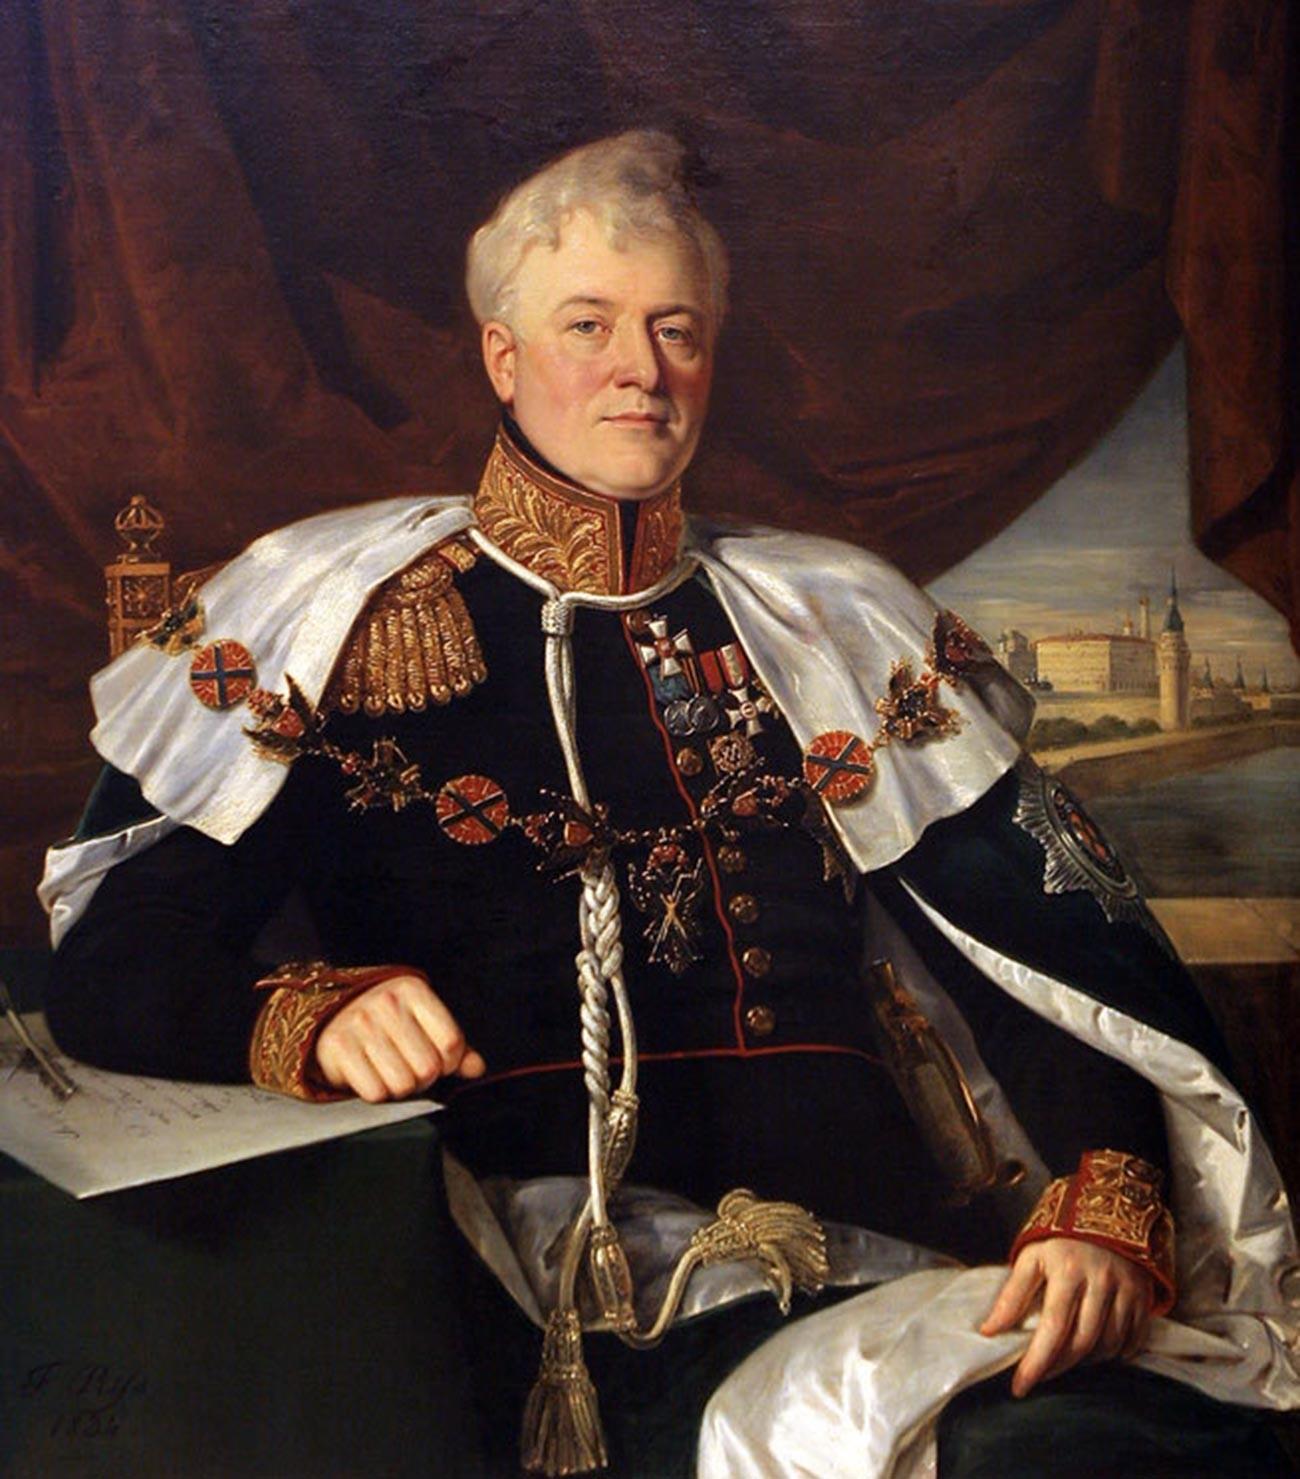 O príncipe Dmitri Golitsin (1771-1844), governador geral de Moscou. Retrato de François Nicholas Riss (1804-1886).